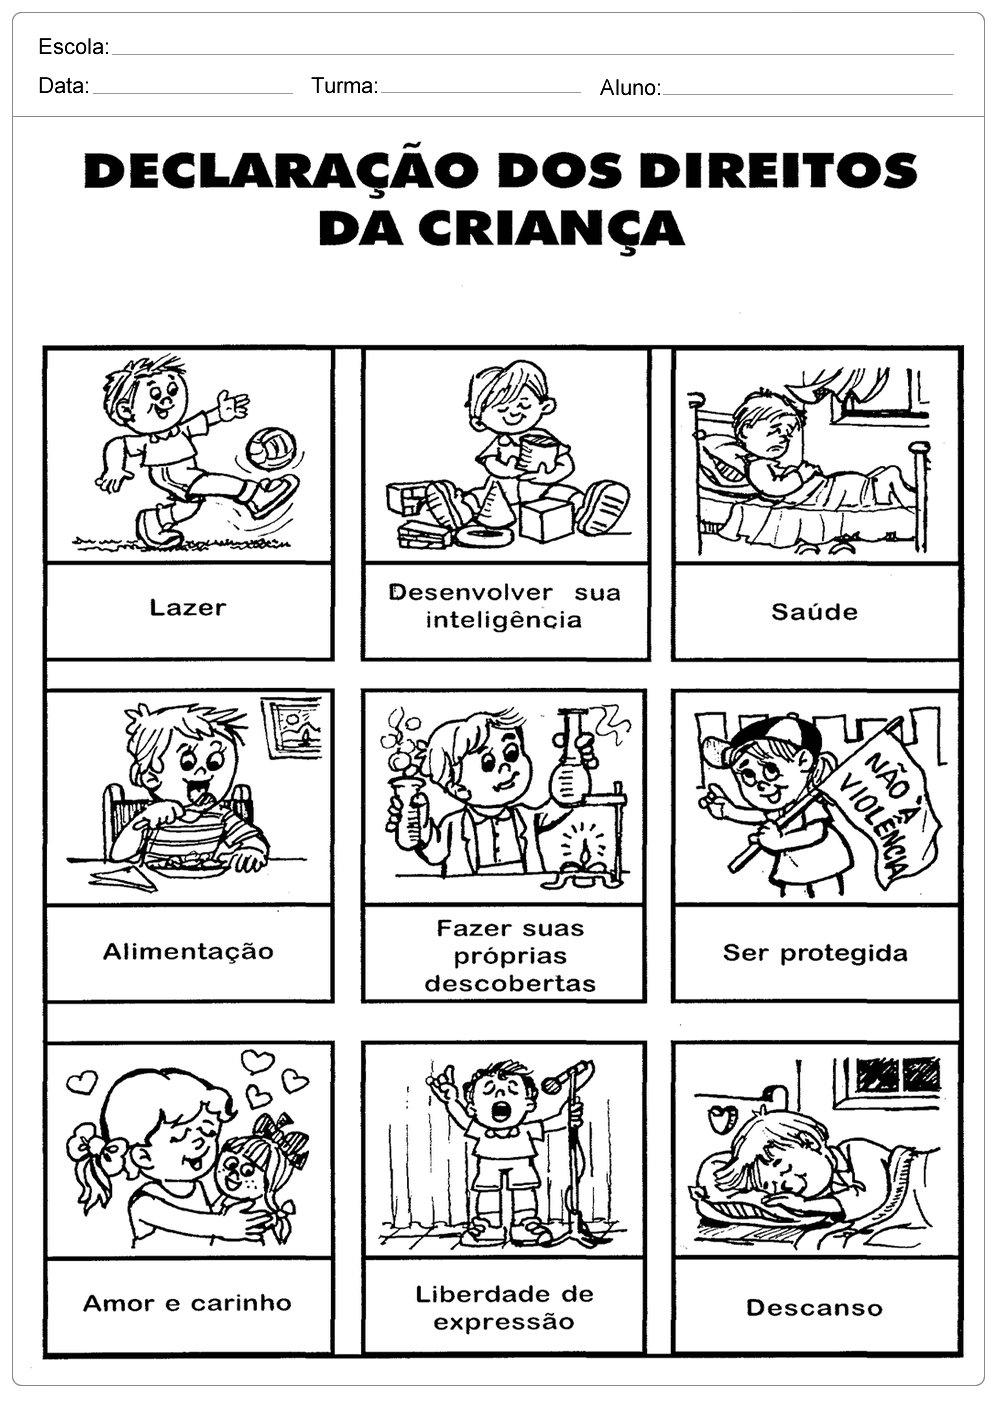 Top Declaração dos Direitos da Crianças - Escola Educação XC44